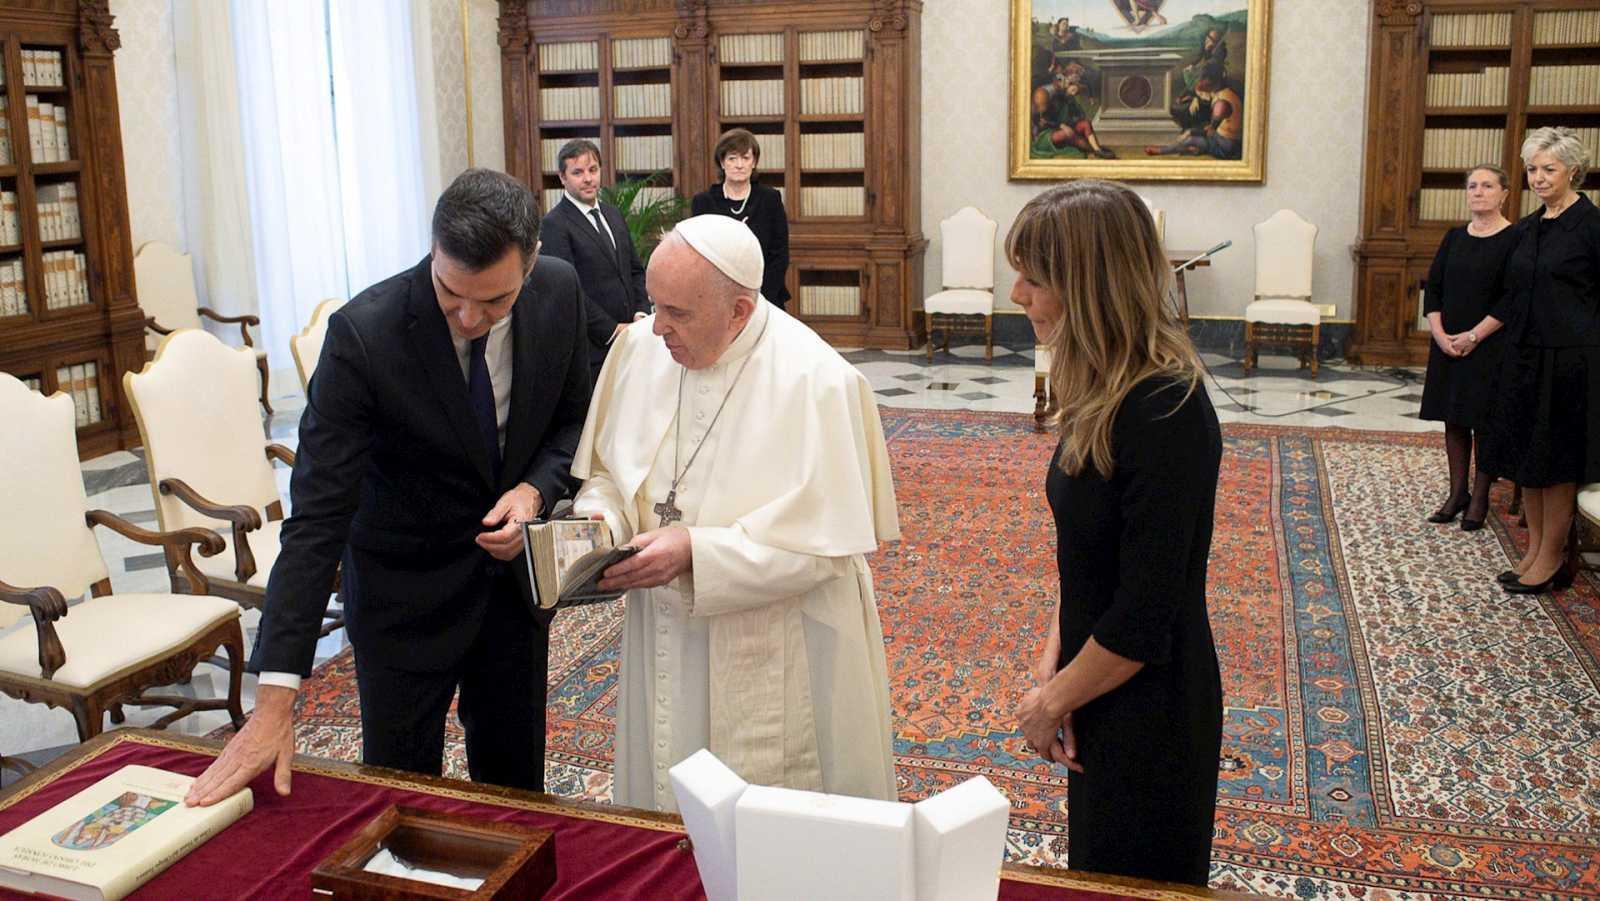 """14 horas Fin de Semana - El Papa advierte a Sánchez del peligro de las """"ideologías"""" y afirma que la política """"no es cuestión de maniobras"""" - Escuchar ahora"""